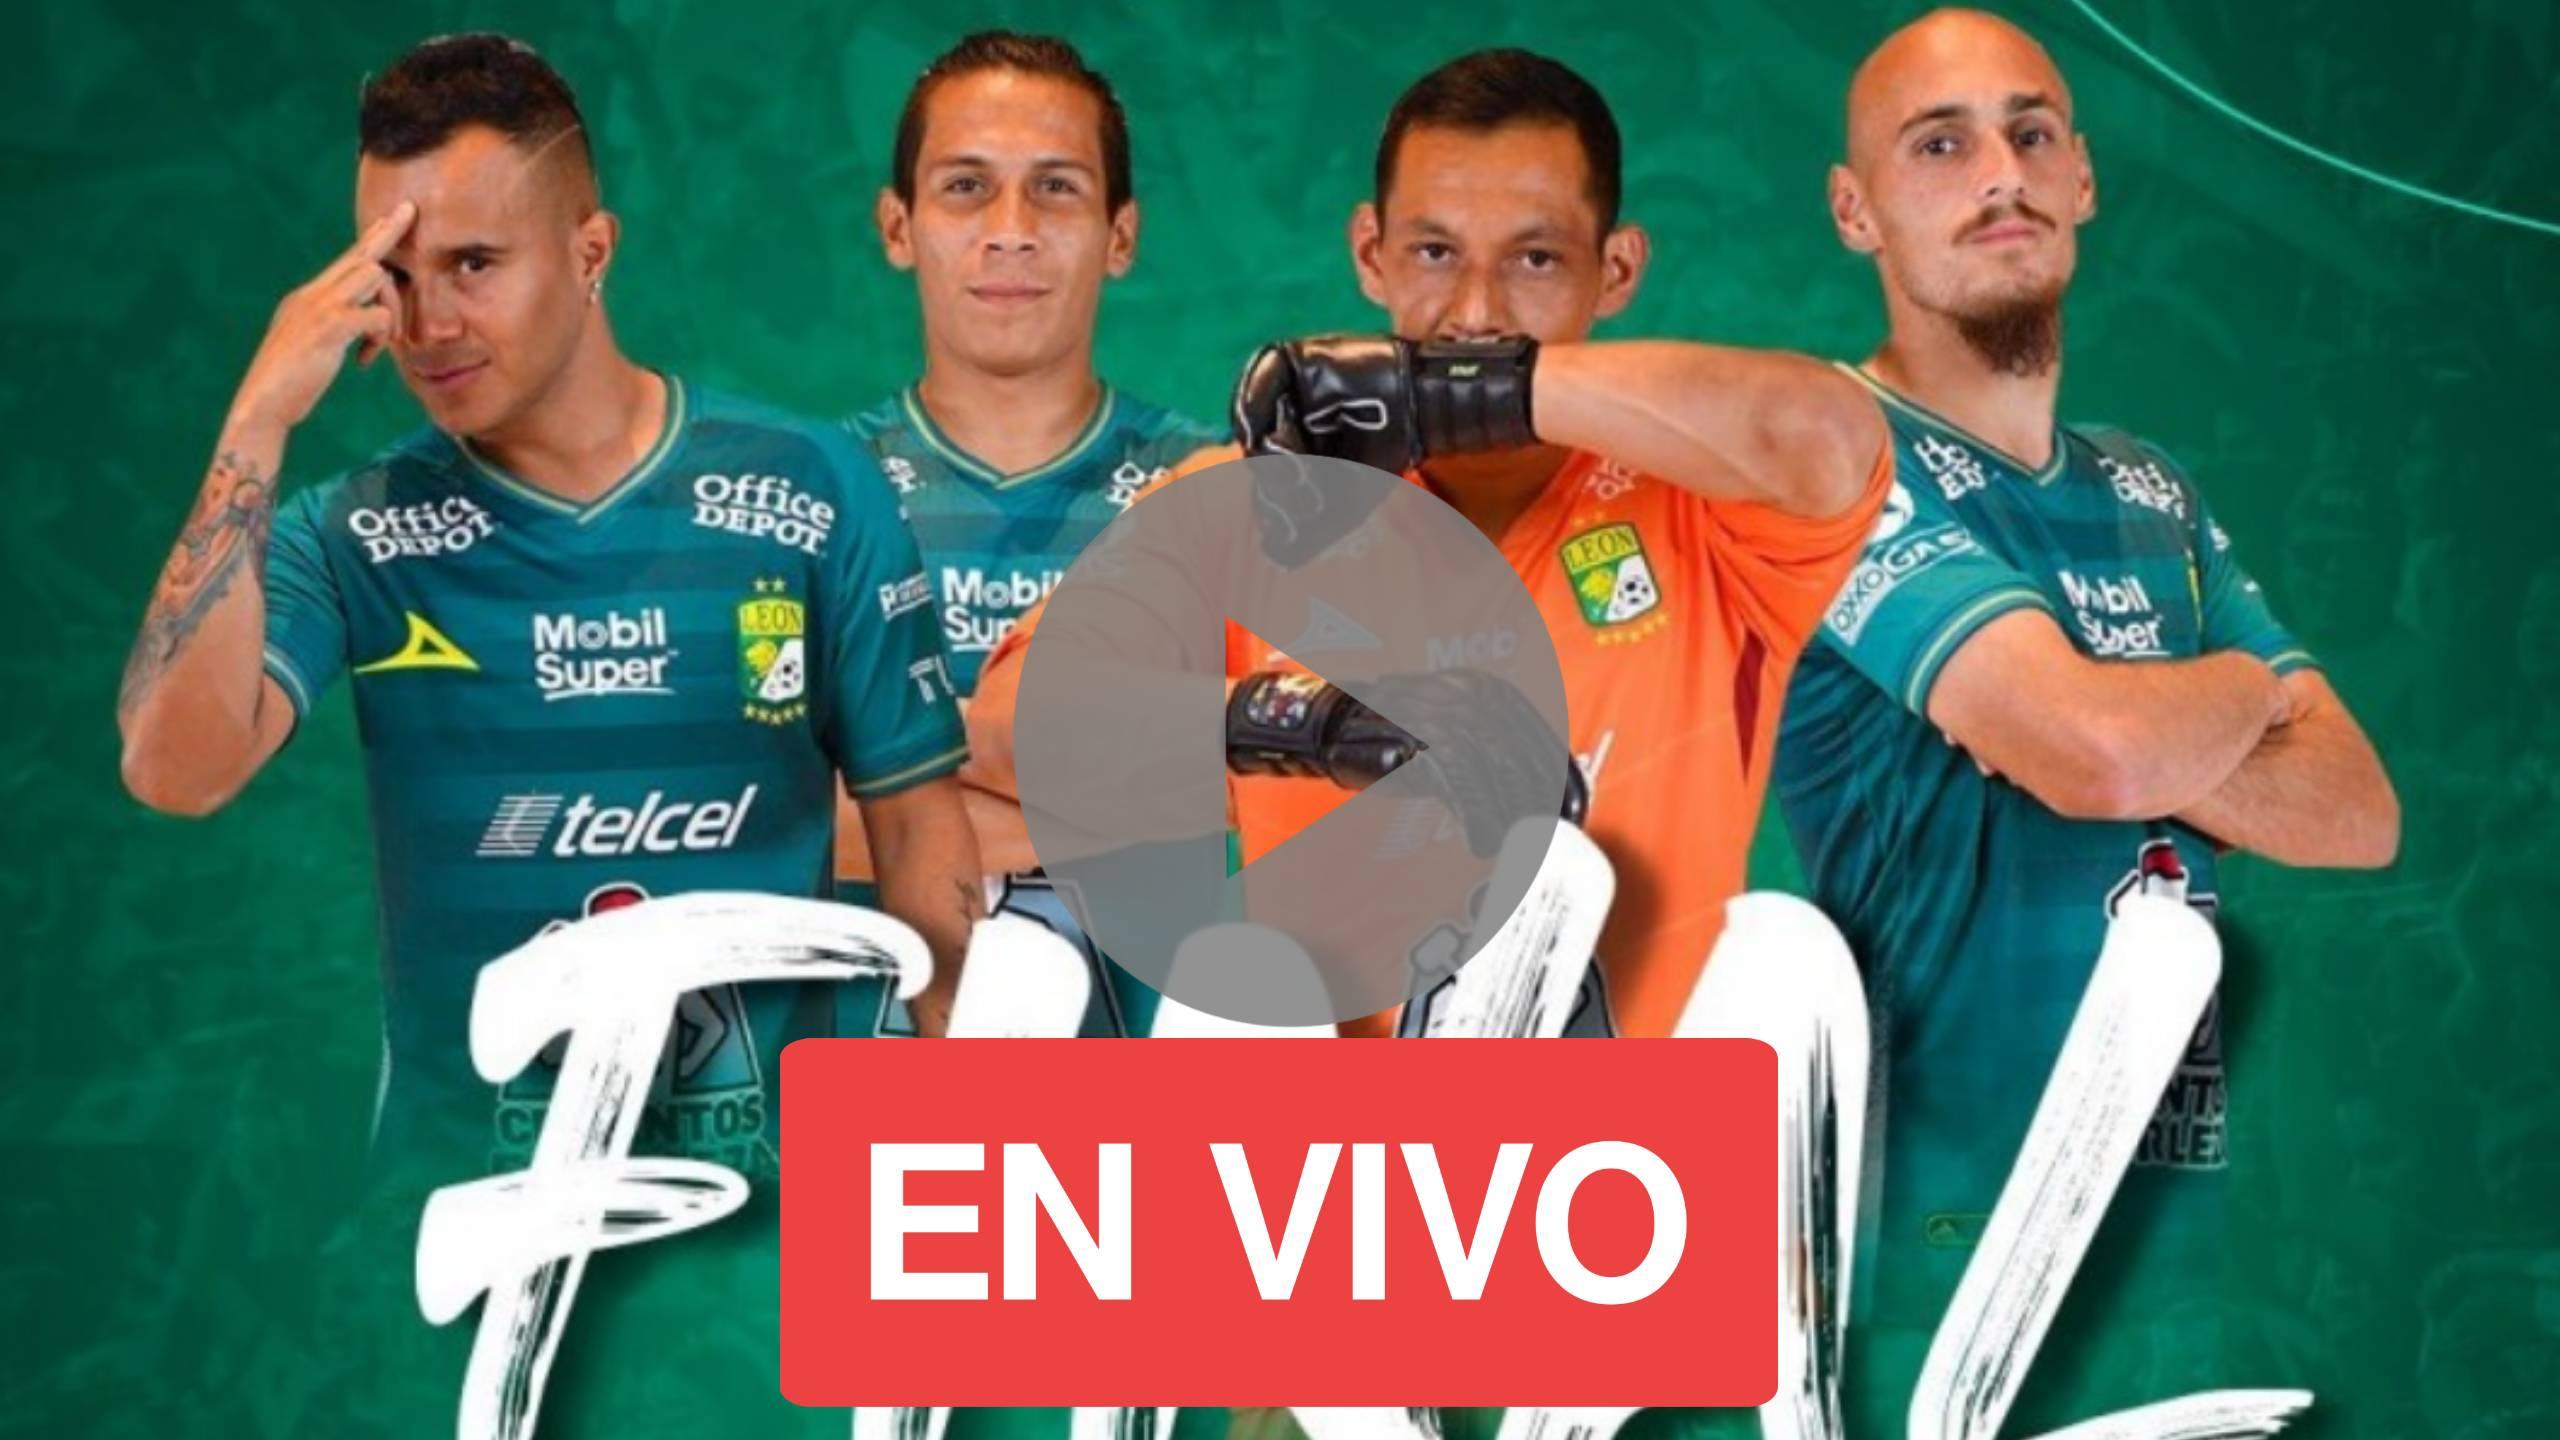 MIRAR AQUI LA FINAL DE LA LIGA MX León vs Pumas, GUERRA DE FELINOS: Ver GRATIS, León vs. Pumas EN VIVO en TUDN: incidencias por la final de vuelta del Apertura Liga MX 2020